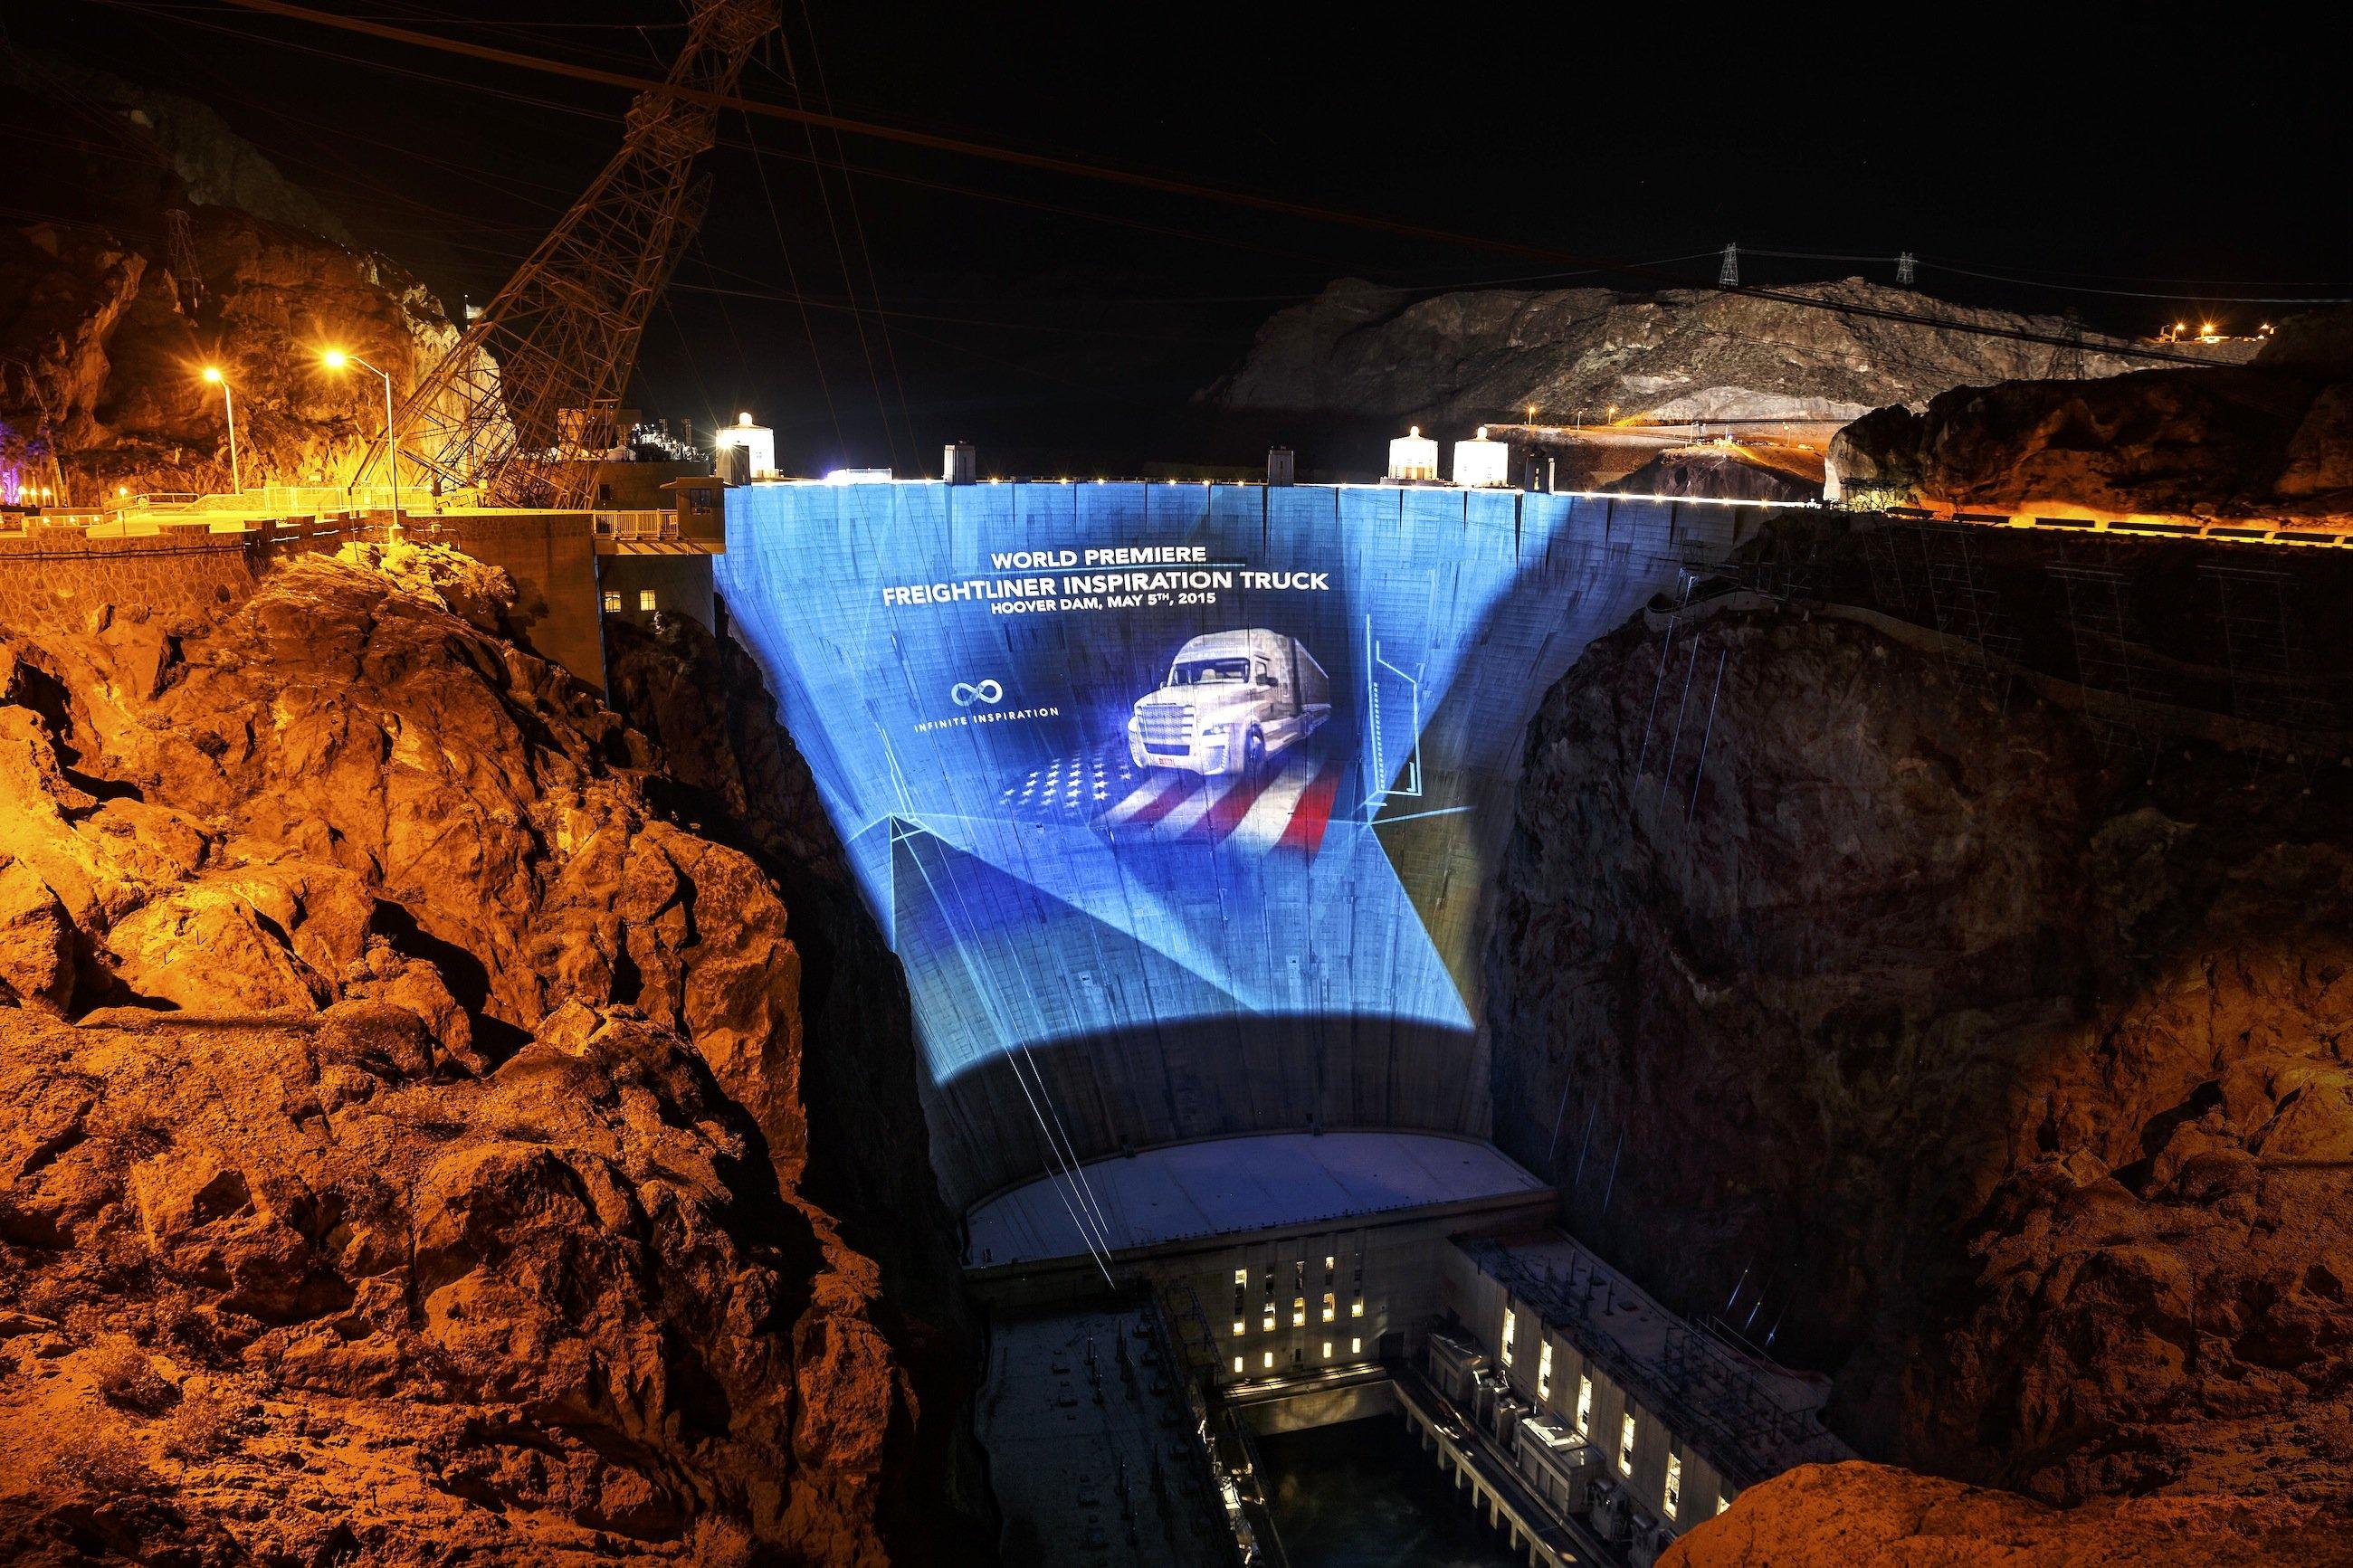 Auf eine 39.000 Quadratmeter große Leinwand projizierte Daimler das Bild des neuen FreightlinerInspiration Trucks – auf einer Staumauer in der Wüste von Nevada.